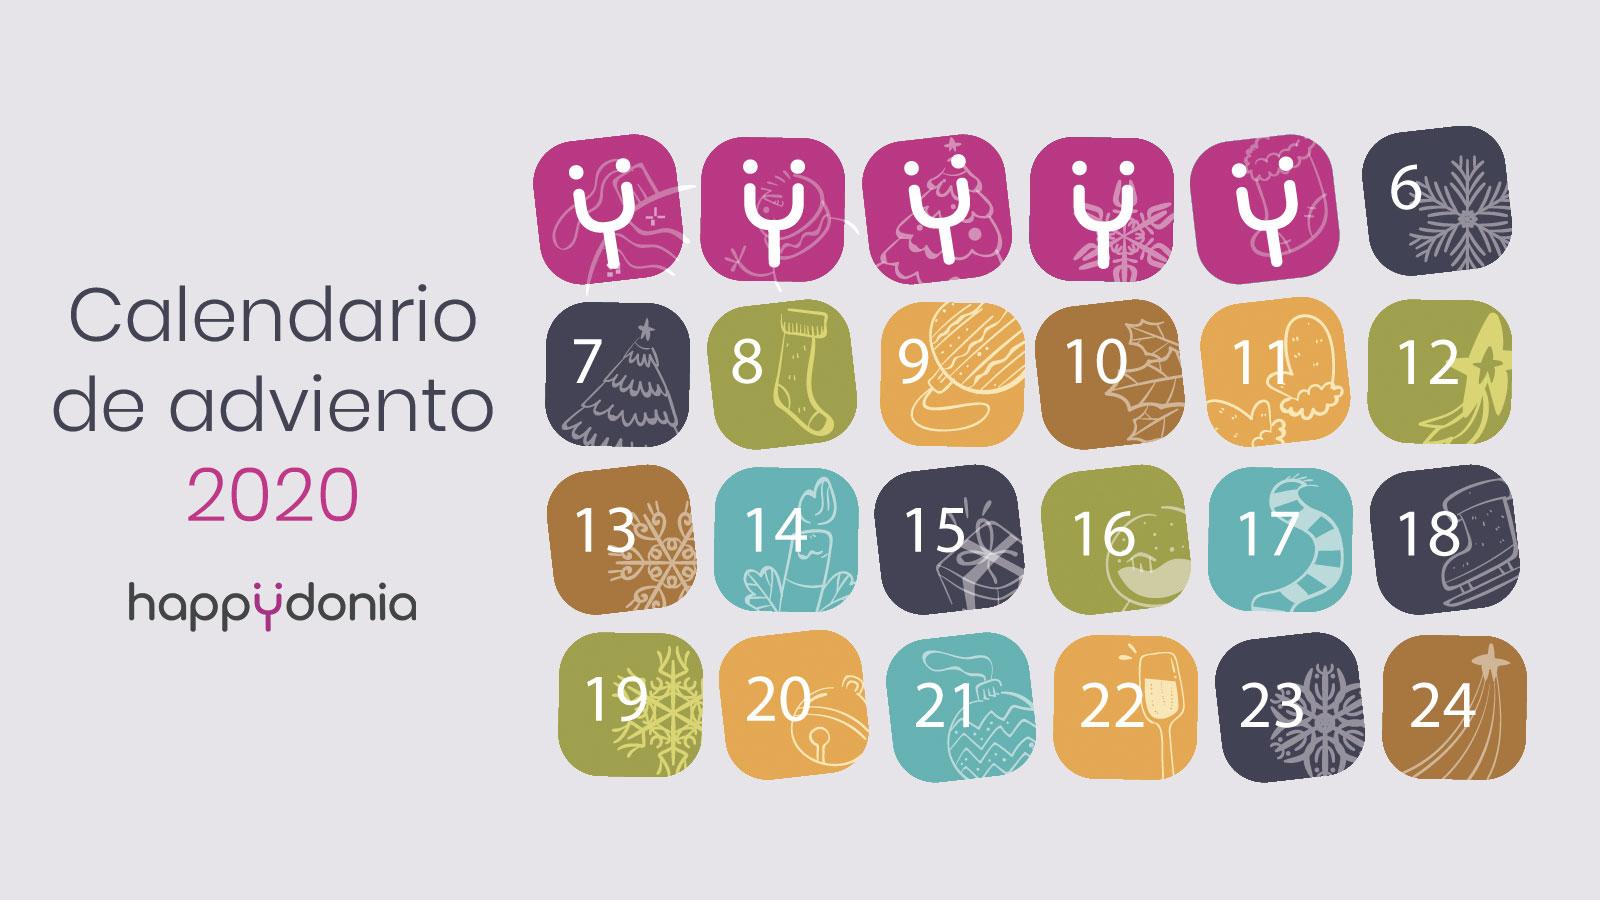 Día 5 Calendario de adviento Happÿdonia